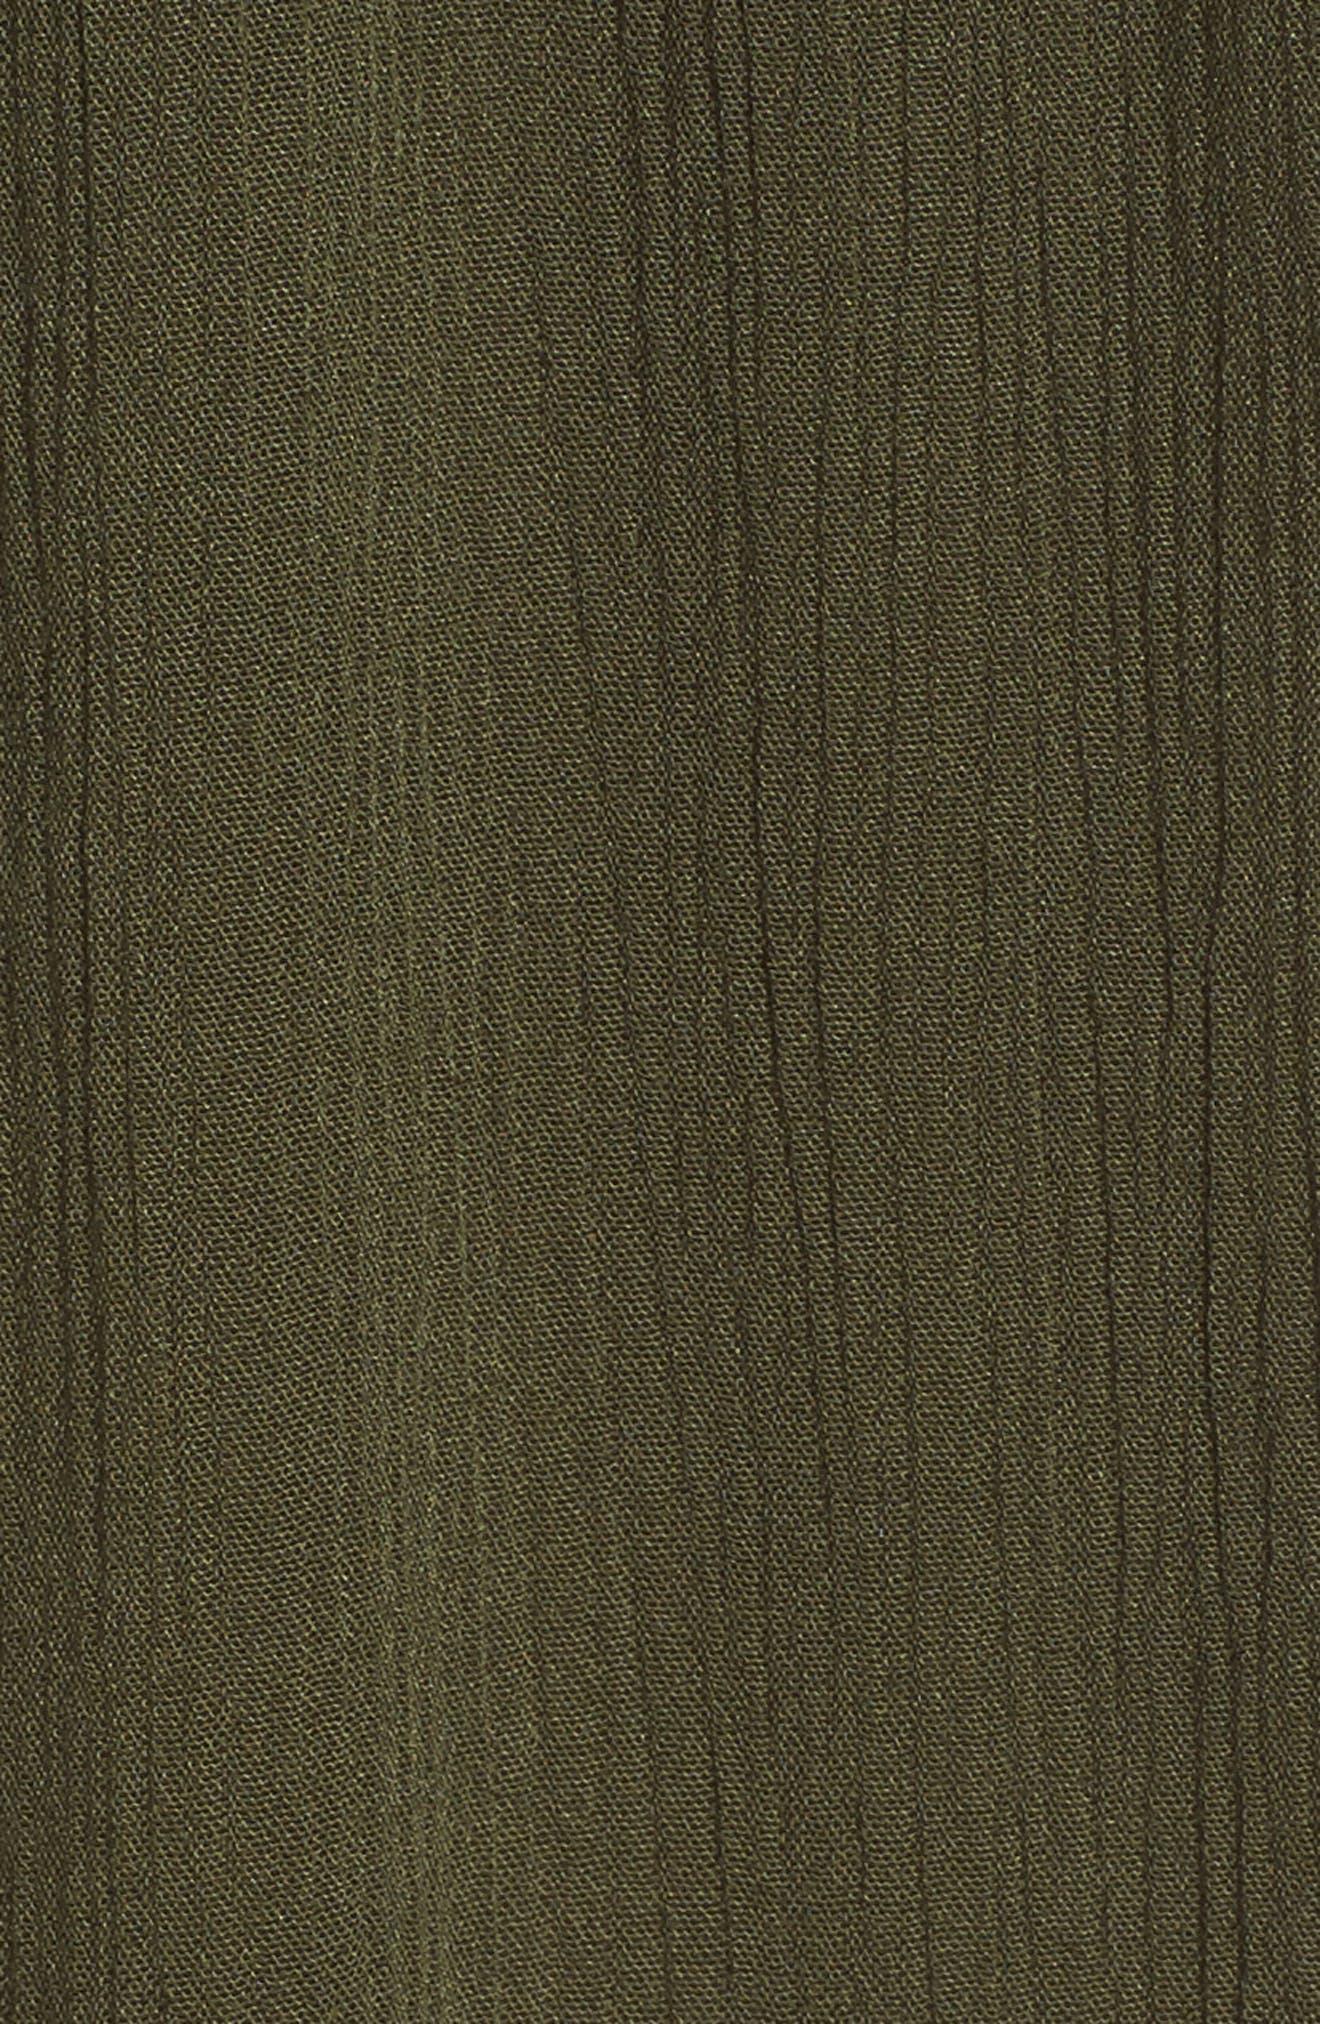 Southern Belle Off the Shoulder Cover-Up Dress,                             Alternate thumbnail 5, color,                             Bay Leaf